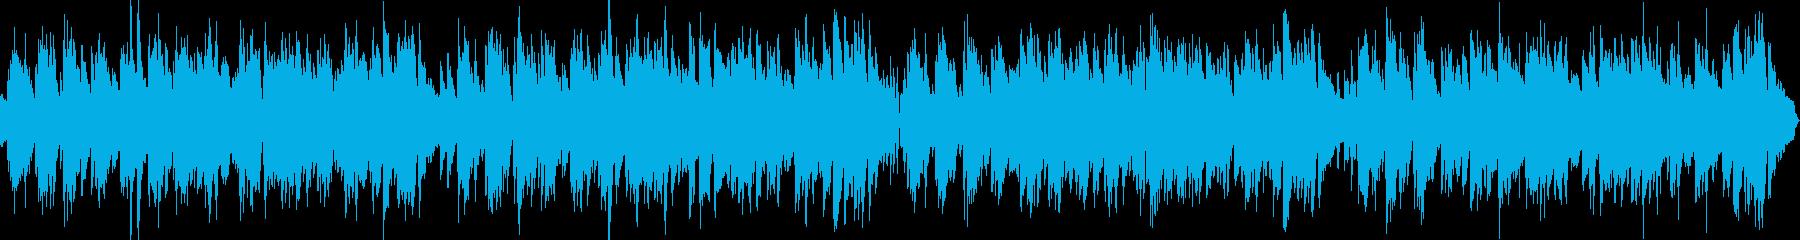 ループ2台のピアノ生演奏ハッピーブルースの再生済みの波形